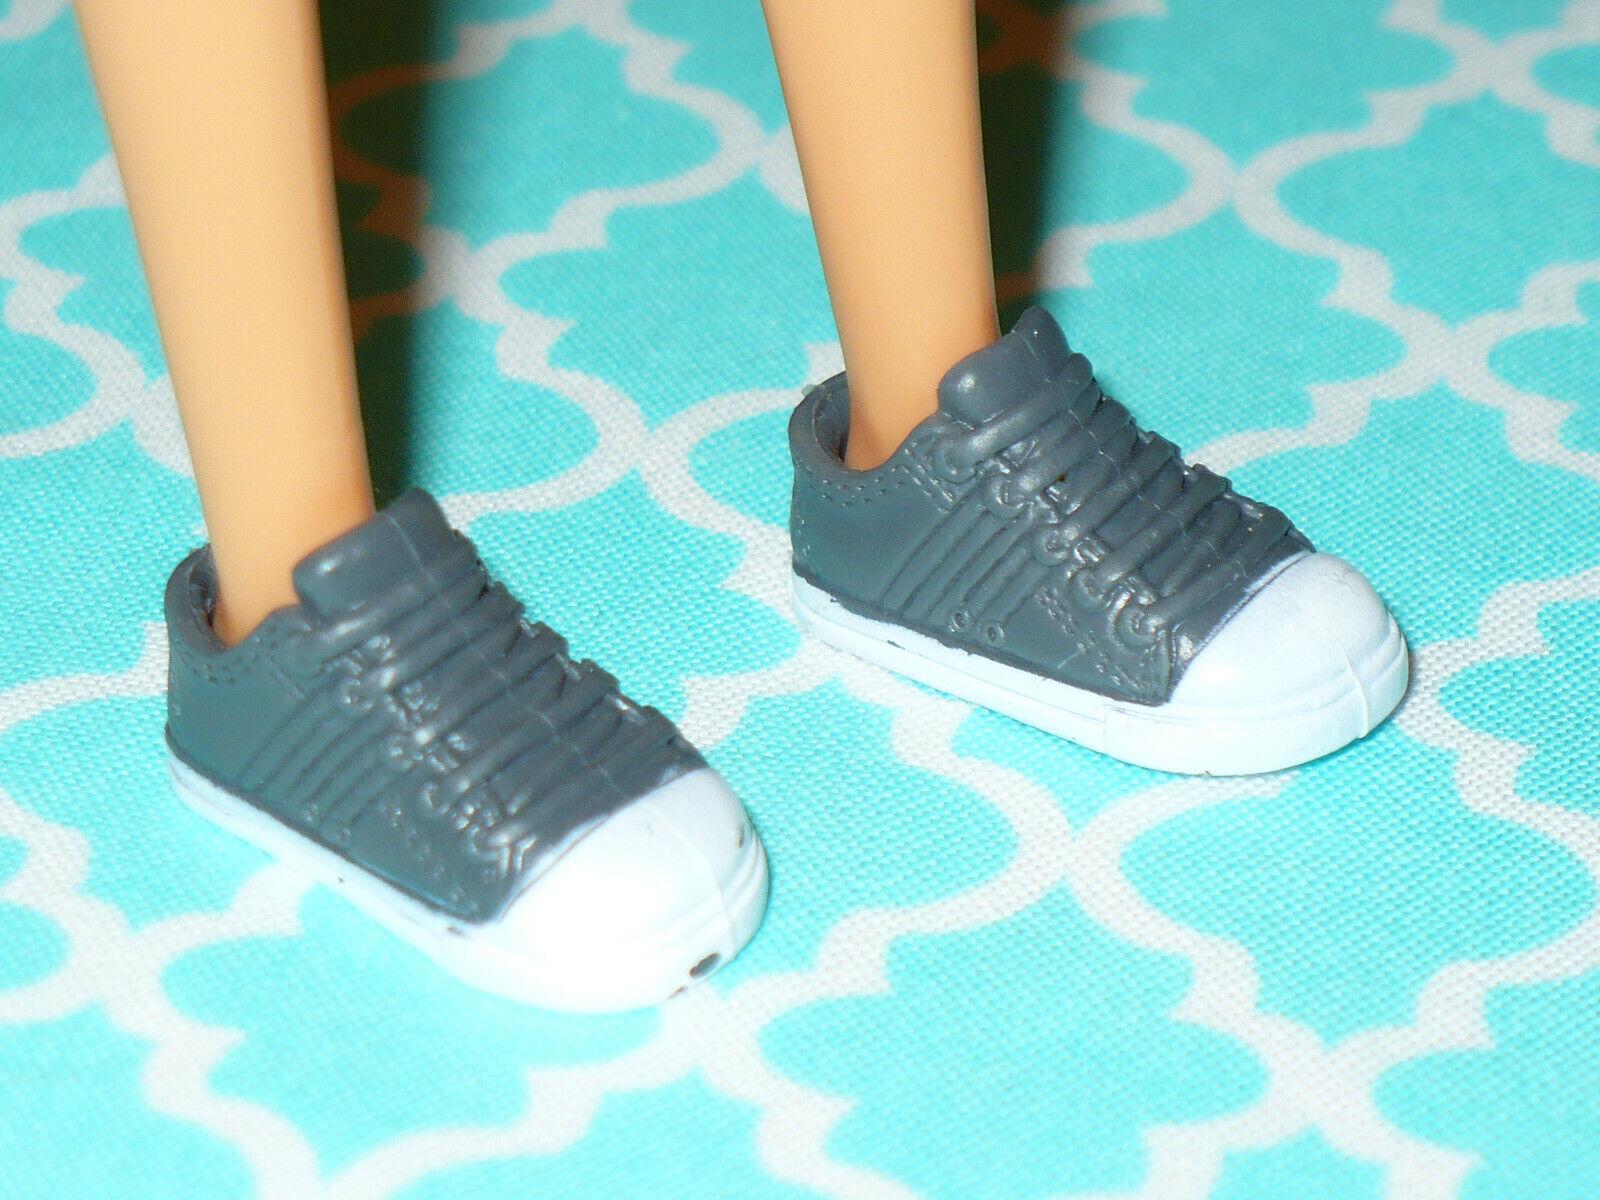 Mattel Barbie Doll Shoes FASHIONISTAS SMALL FLAT FEET GRAY SENEAKERS Gym - $7.99